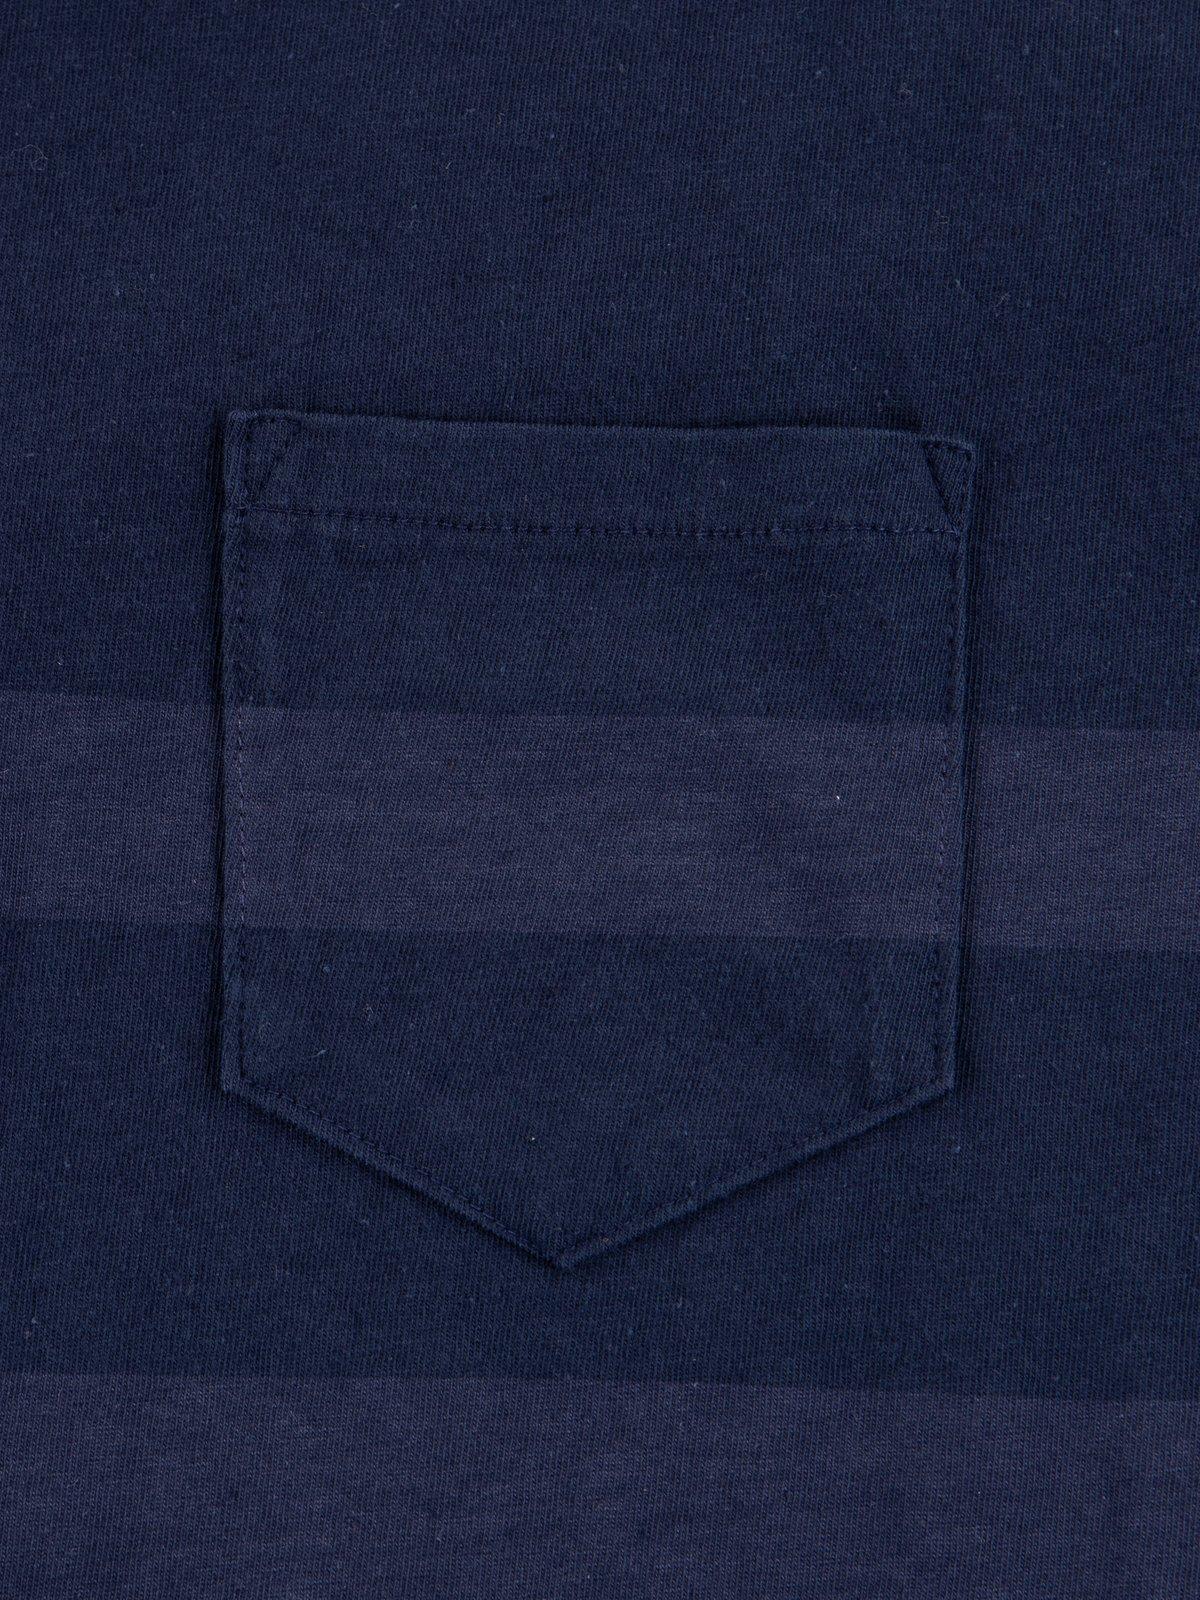 Navy Stripe Cote D'Ivoire Cotton T–Shirt - Image 3